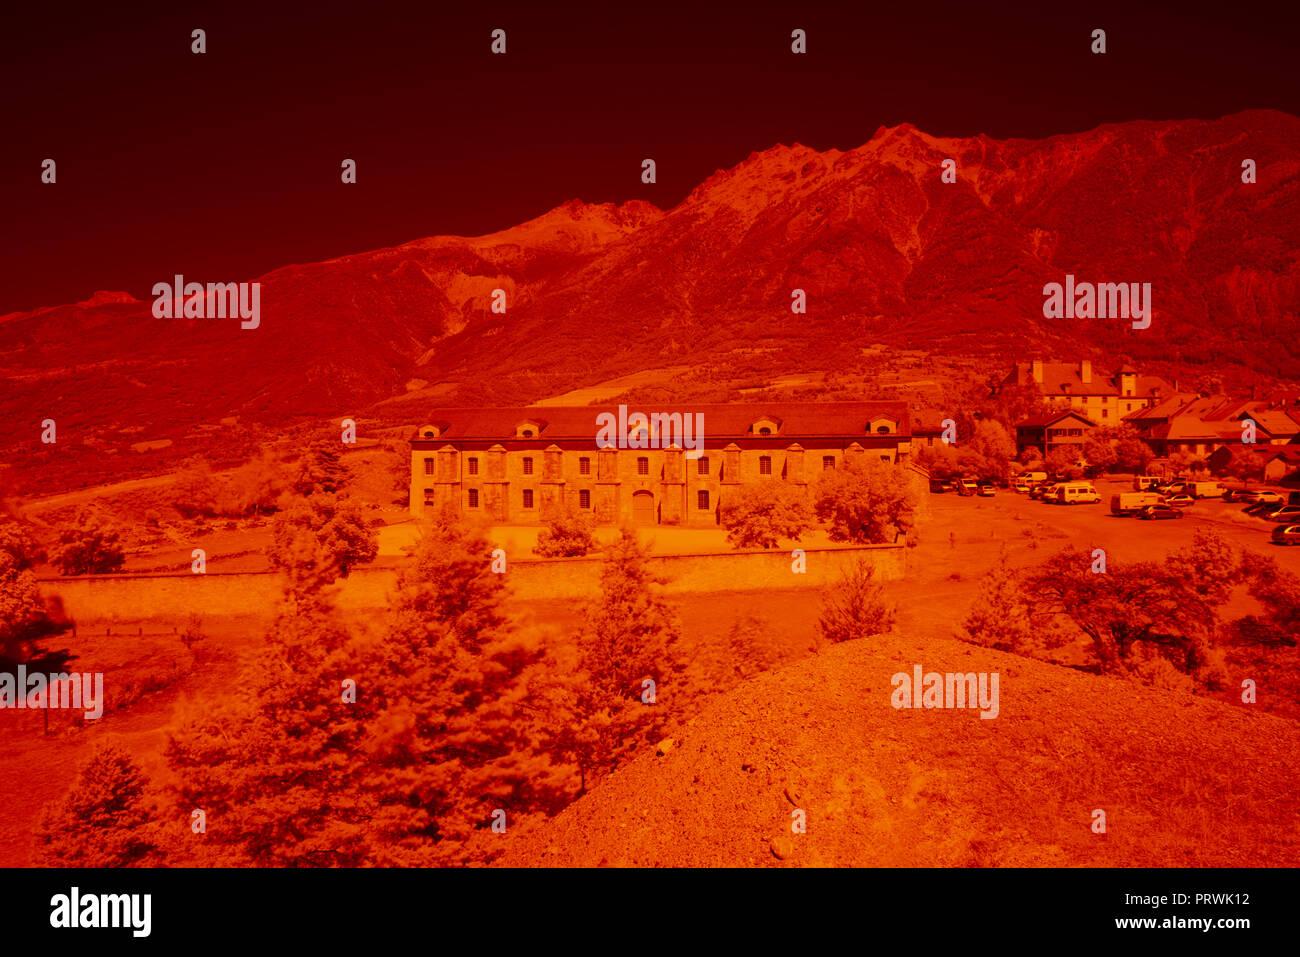 Imagen infrarroja, Francia, Altos Alpes, ejemplo de imagen IR Digital, antes de la transformación. Filtro de infrarrojos NIKON 850 Imagen De Stock